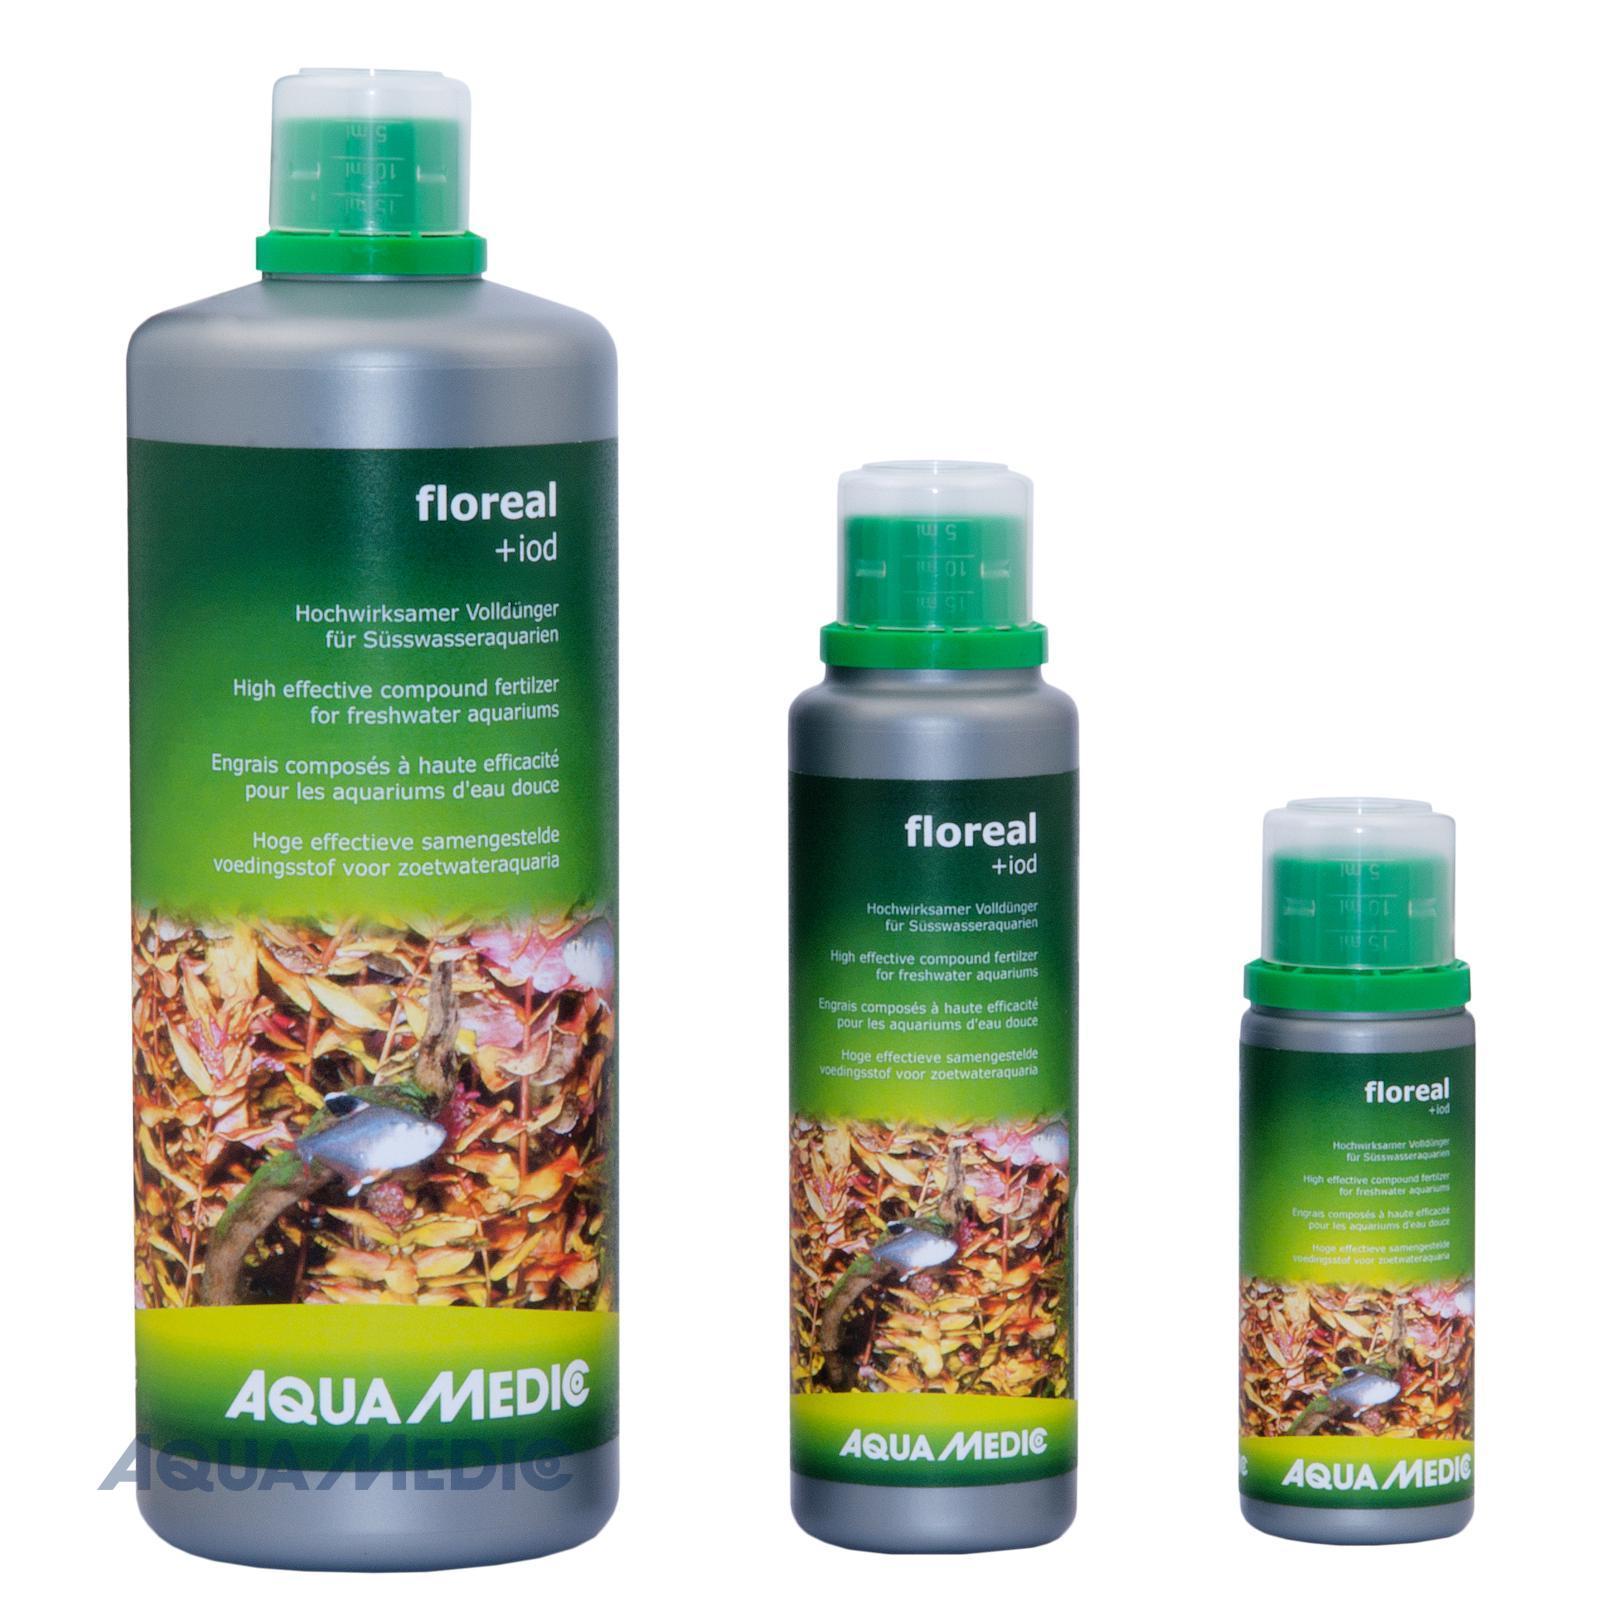 floreal + iod 250 ml - Hochwirksamer Volldünger für Süßwasseraquarien